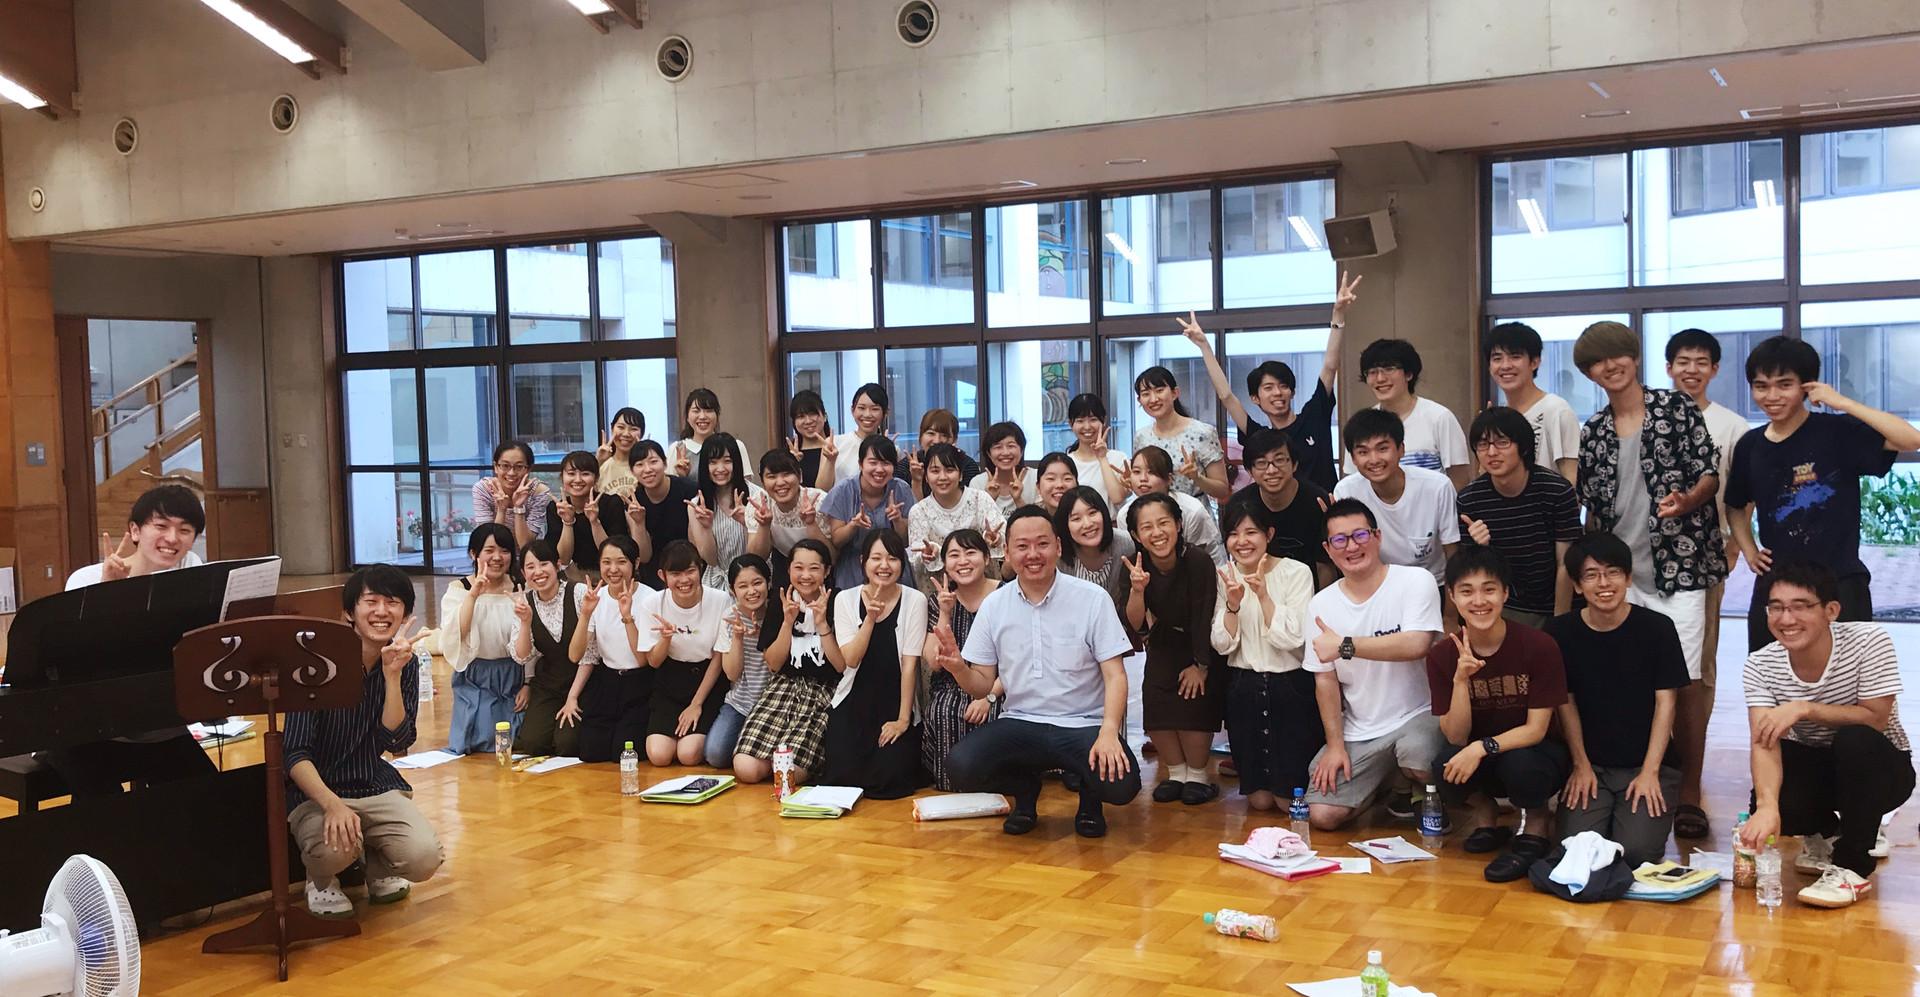 福島県立医科大学混声合唱団「燦」の皆さんと